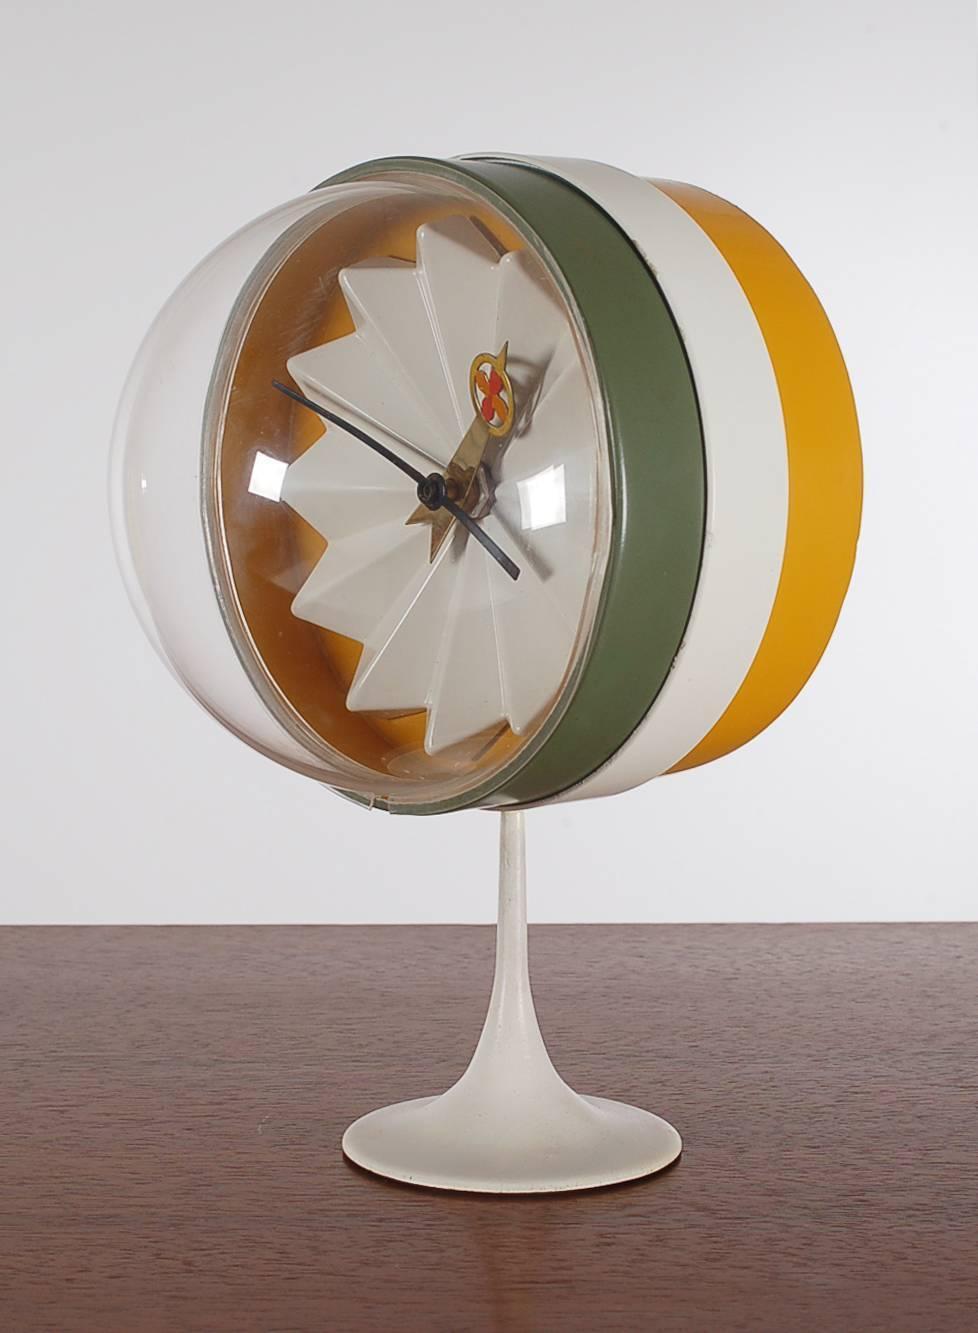 mid century modern george nelson for howard miller desk or table clock